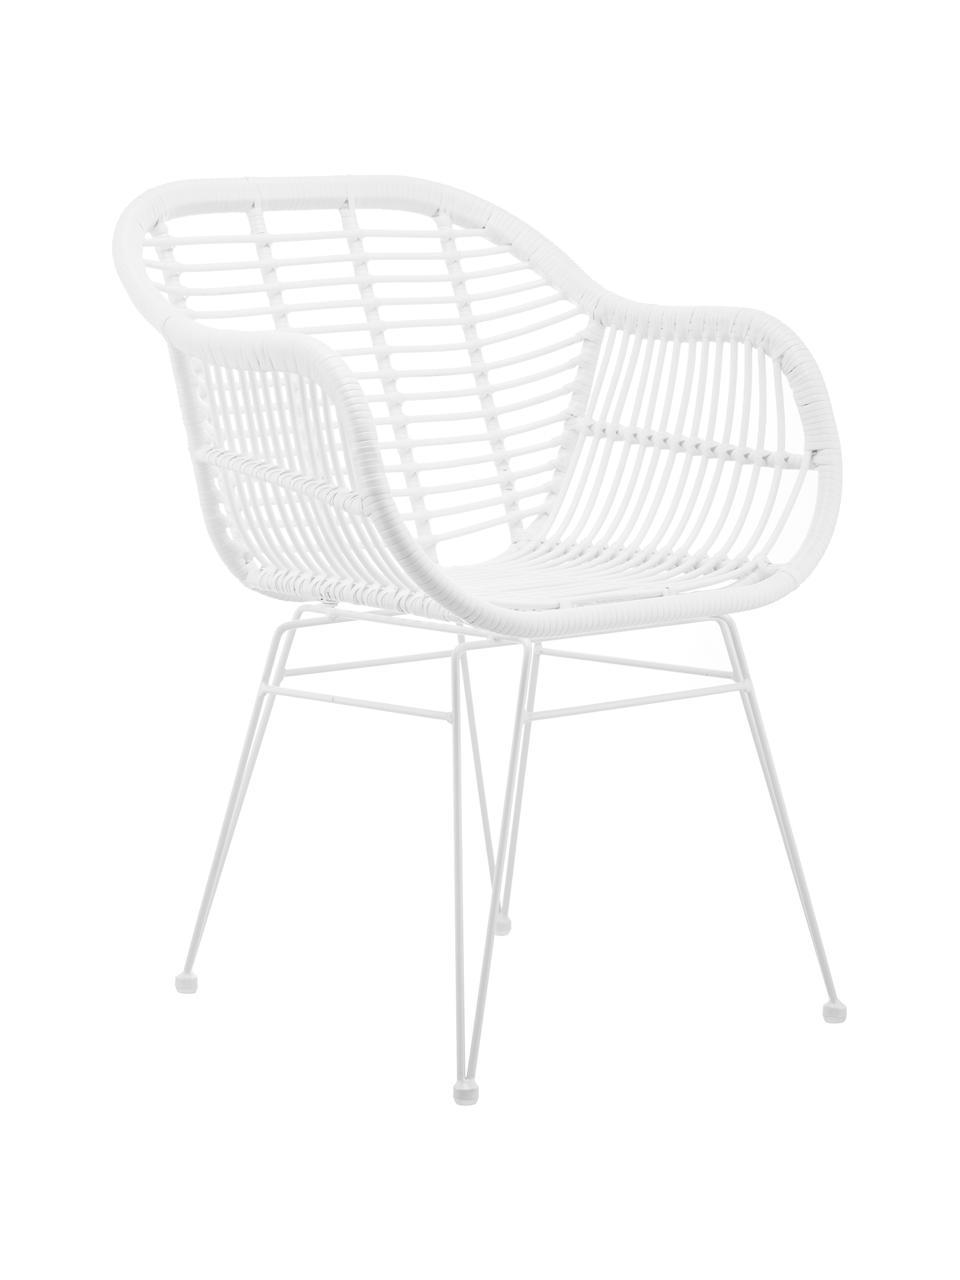 Polyrotan armstoelen Costa, 2 stuks, Zitvlak: polyethyleen-vlechtwerk, Frame: gepoedercoat metaal, Wit, wit, 59 x 58 cm